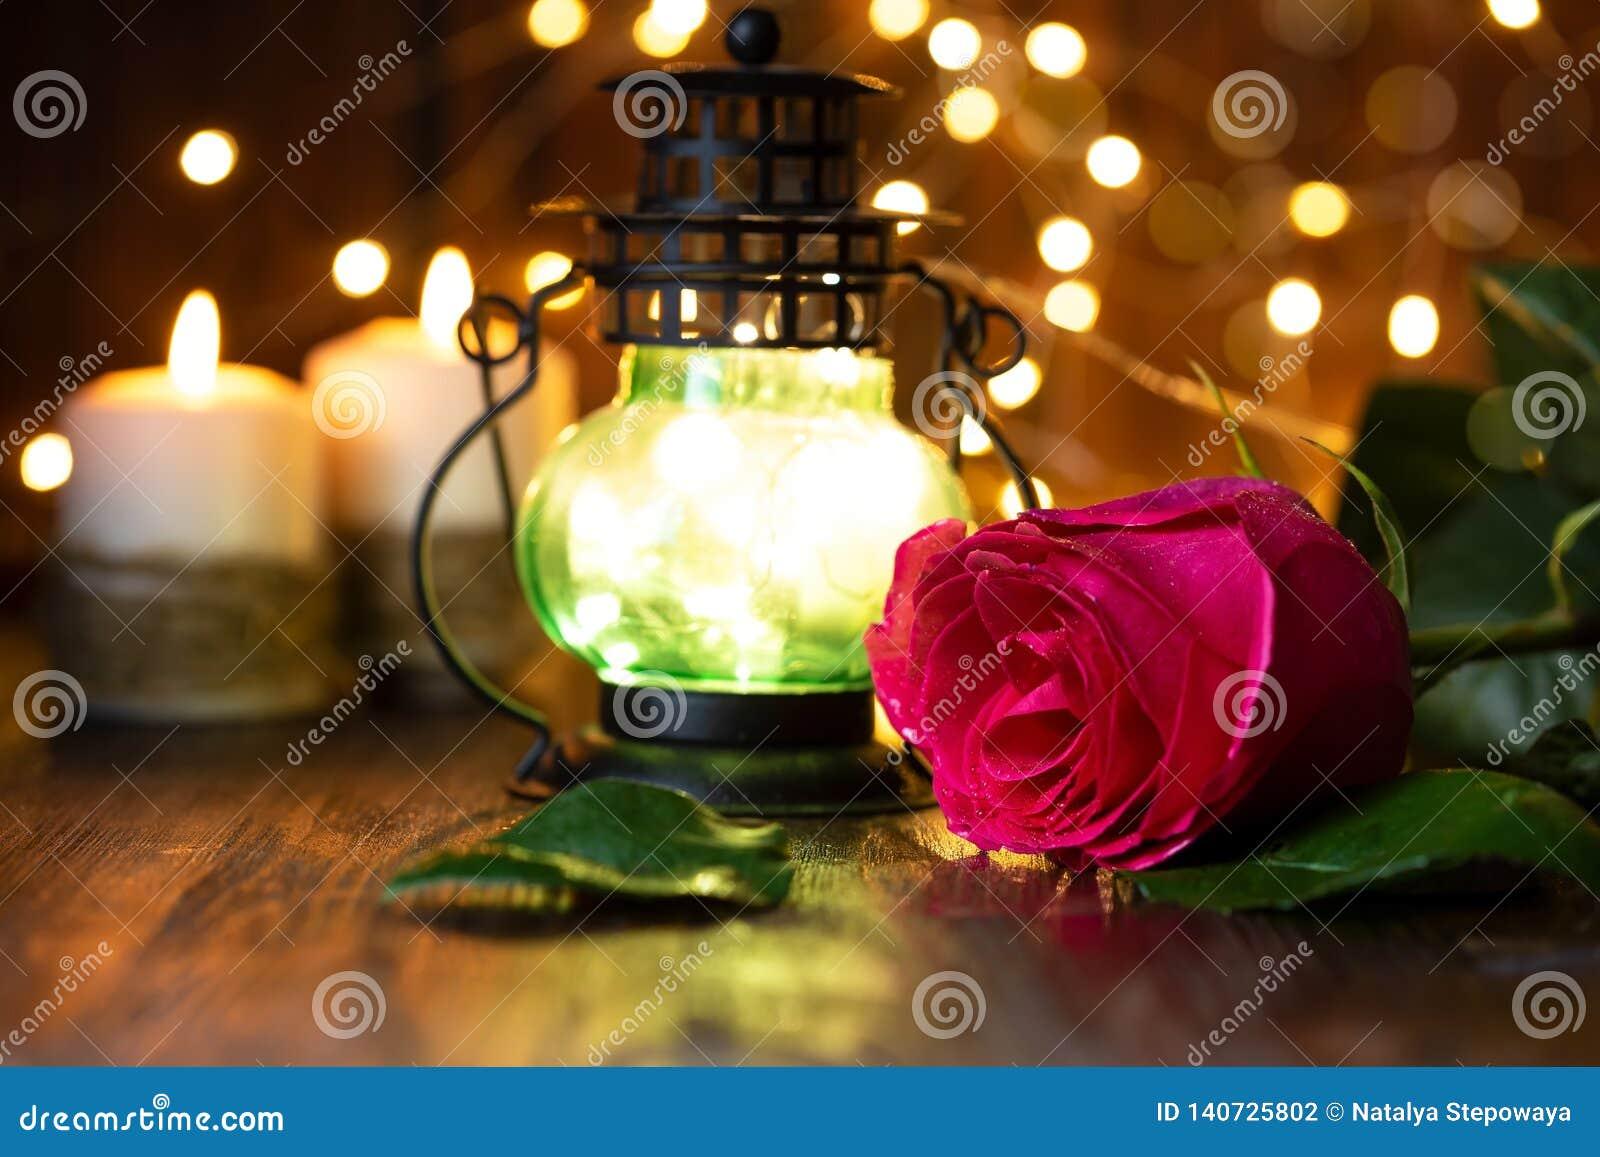 Rood nam en lantaarn met lichten op een houten lijst toe